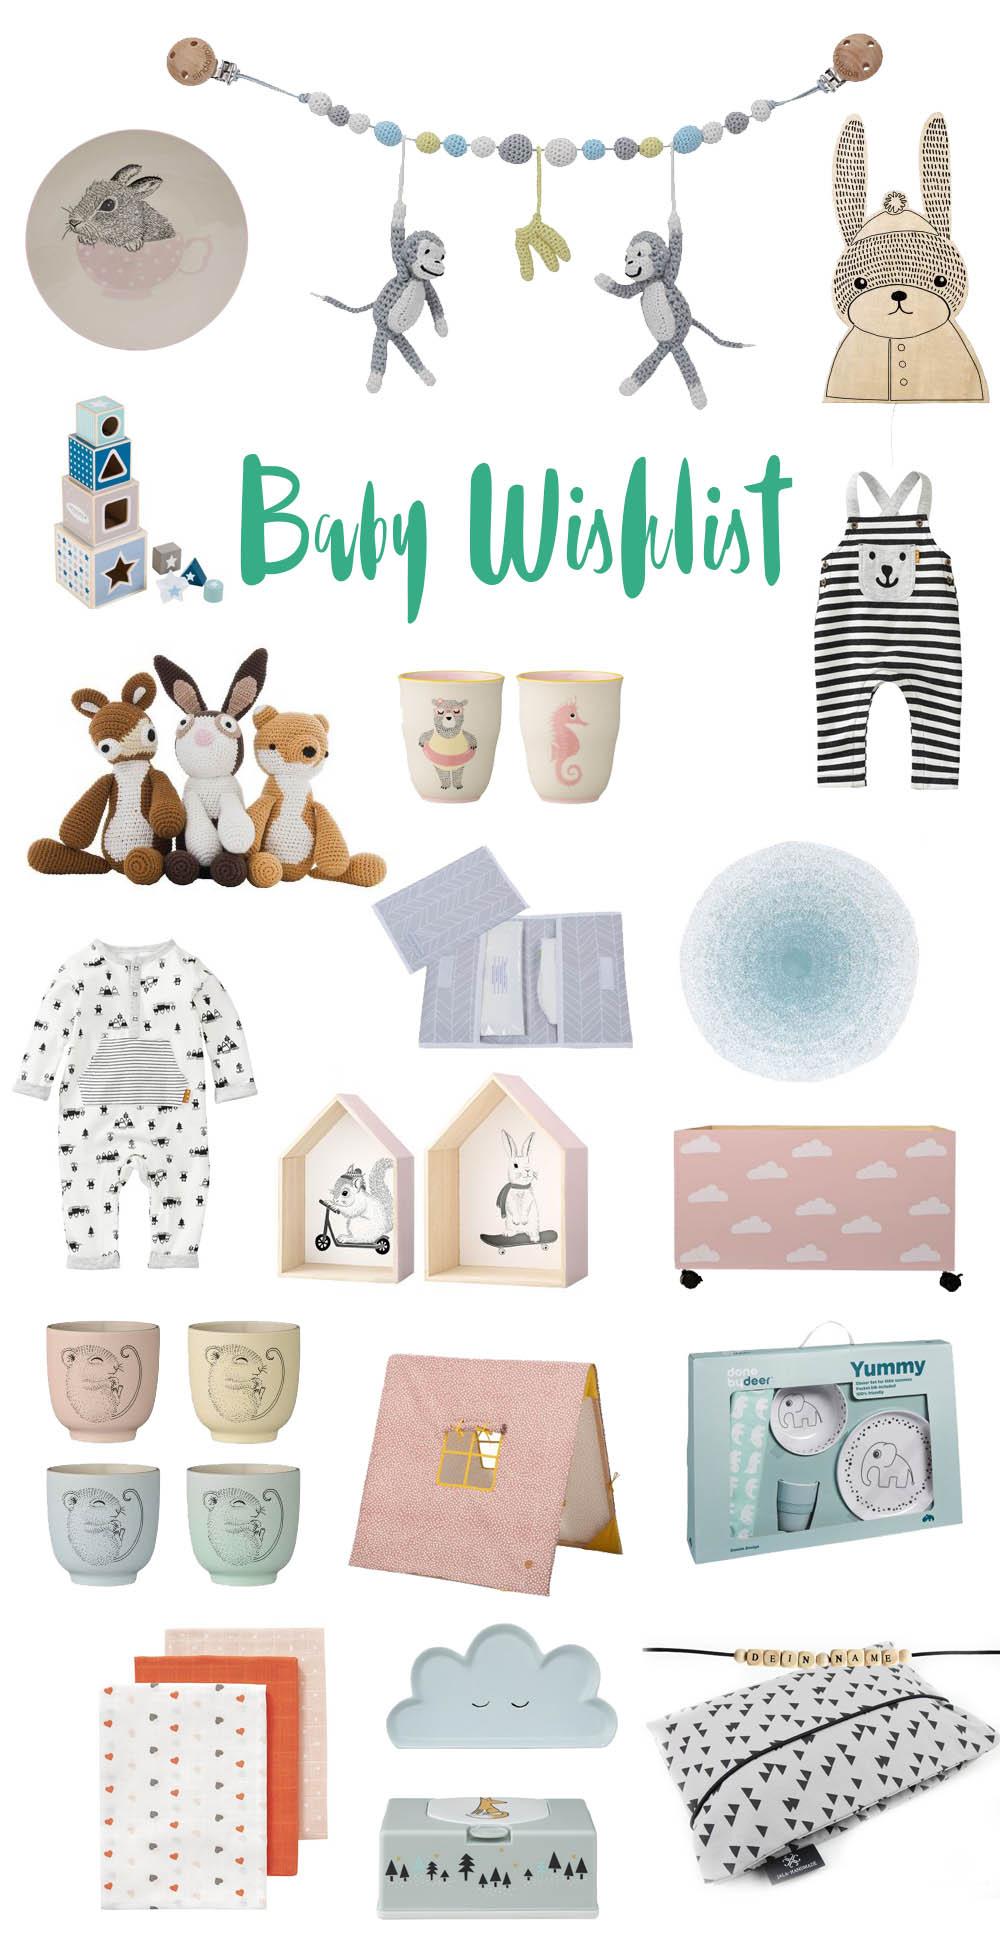 Baby Wishlist Geschenkideen für Babyshower